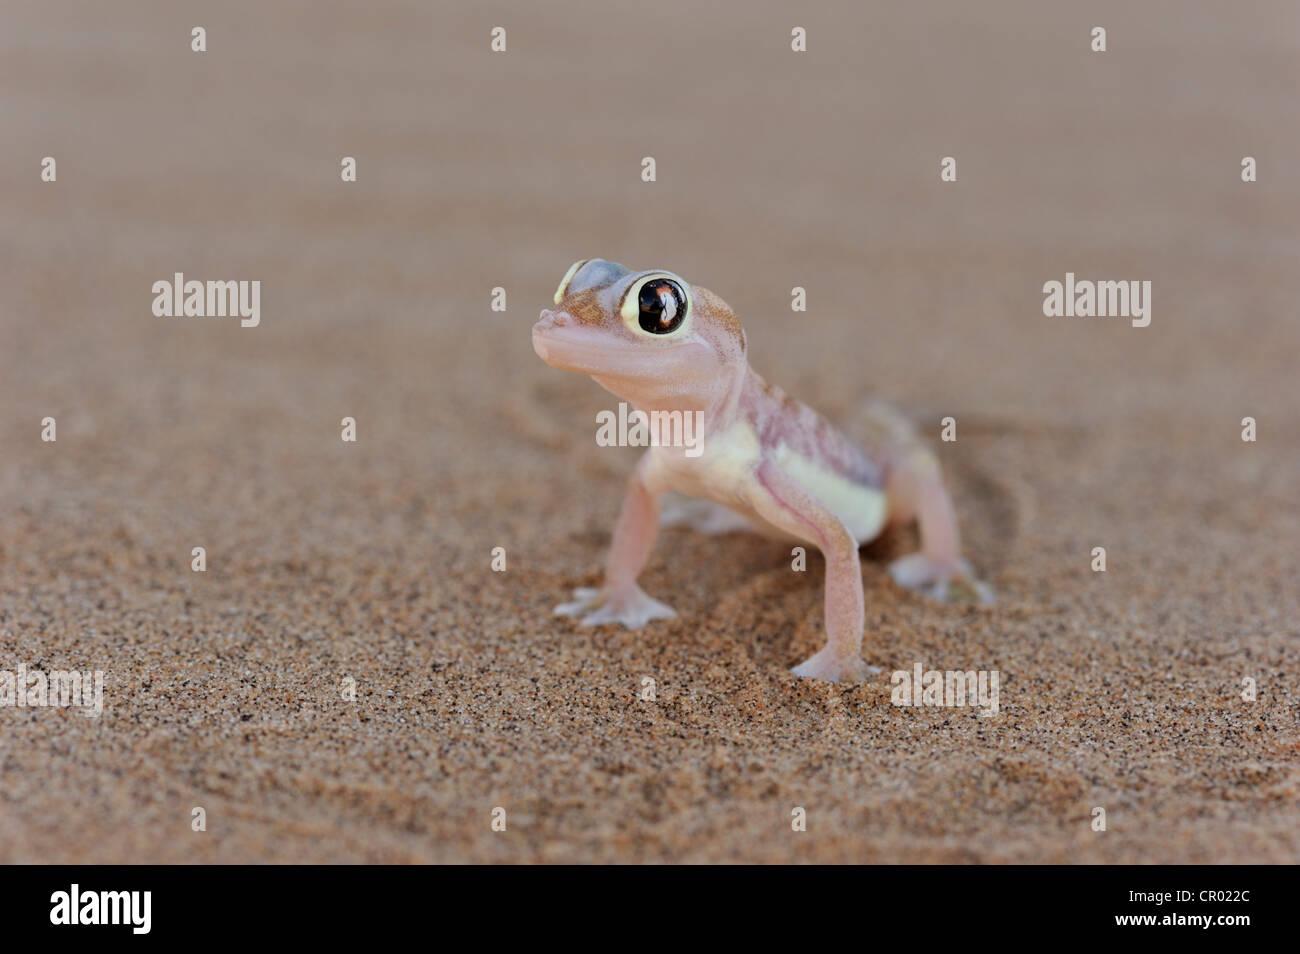 palmatogecko (pachydactylus rangei), namib-desert, namibia Stock Photo